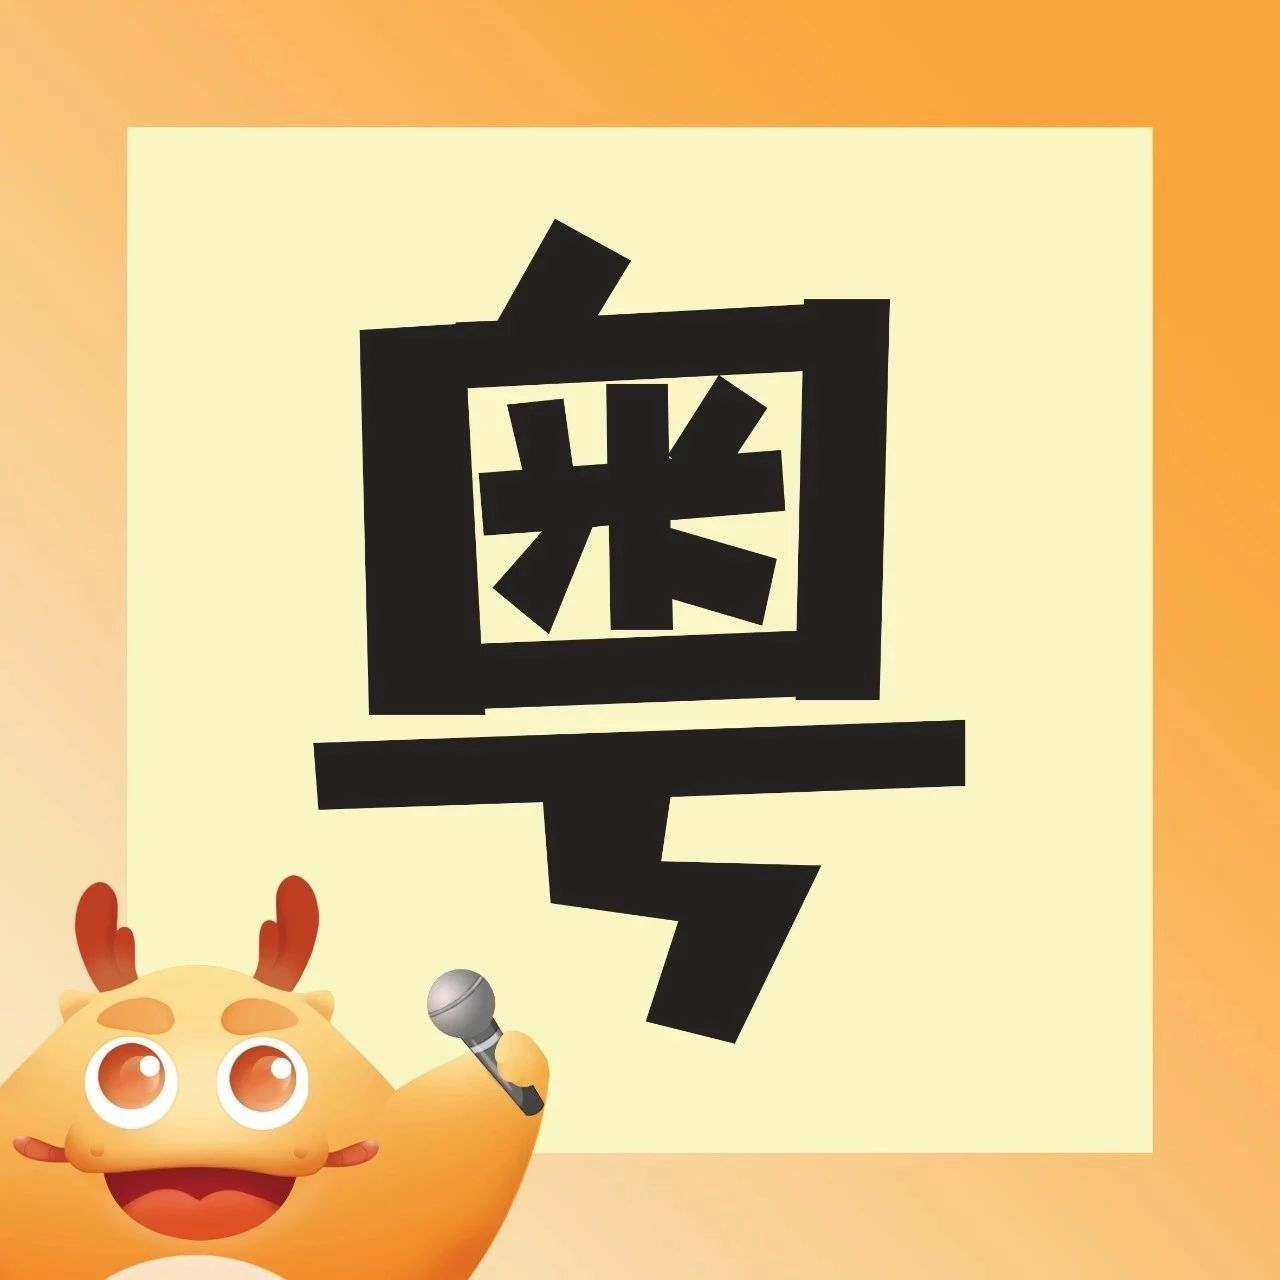 粤语故事 | 关于春节的神话传说(了解传统文化)